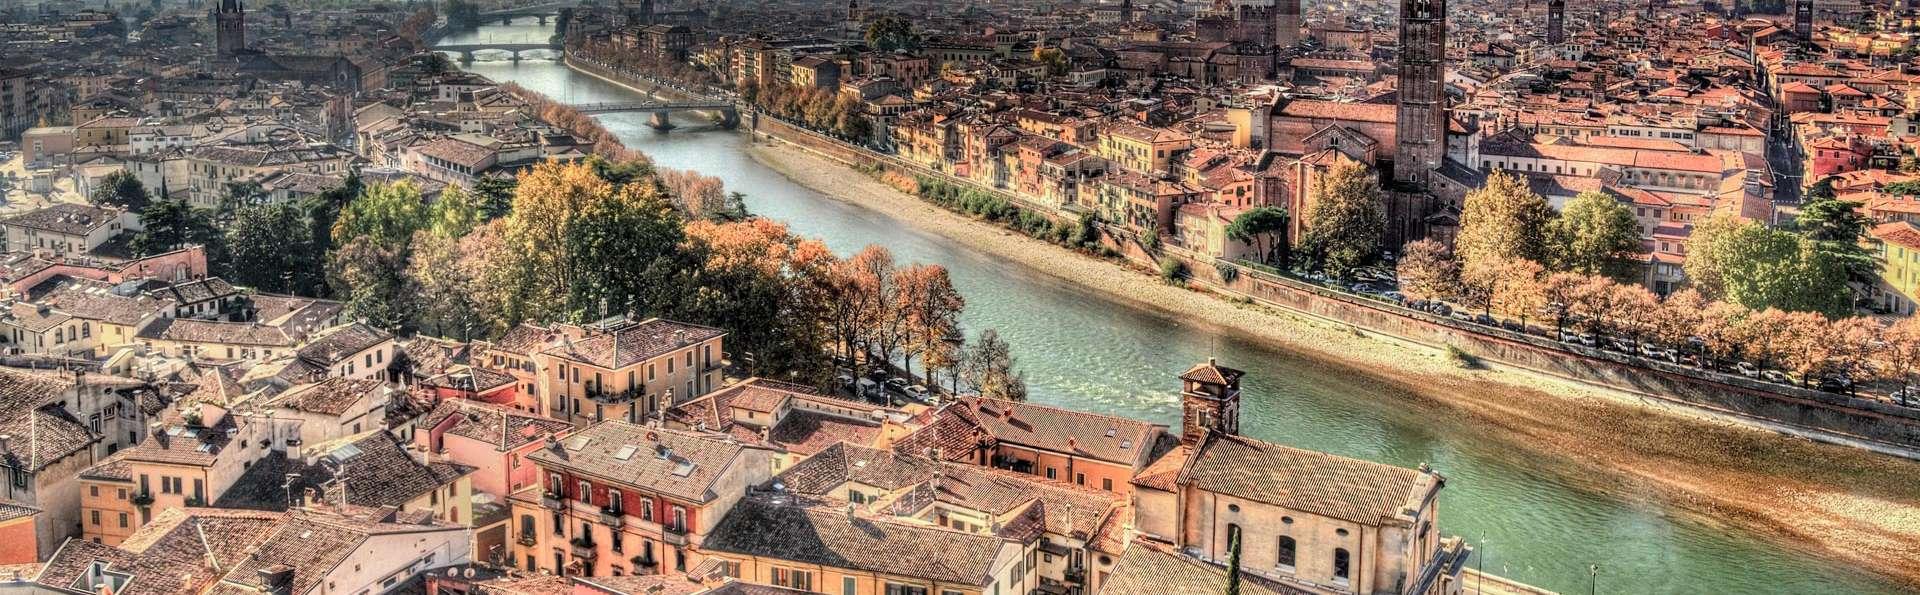 Séjour détente en pleine nature de Castel d'Azzano, à ceux pas de la romantique Vérone